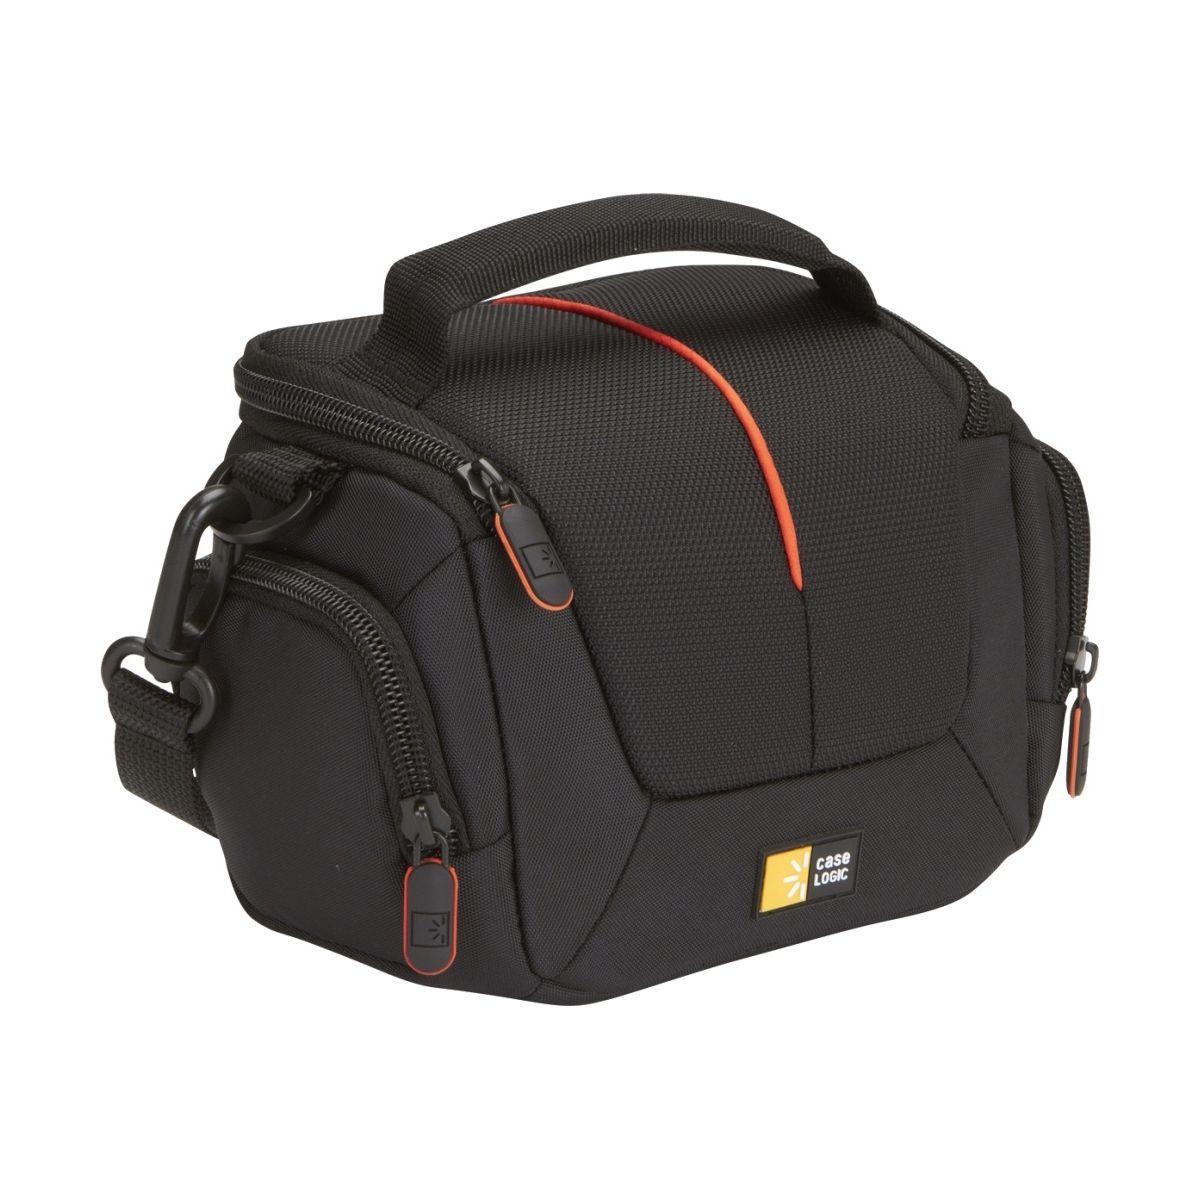 Housse caselogic nylon noir dcb305k pour camescope - livraison offerte : code liv (photo)